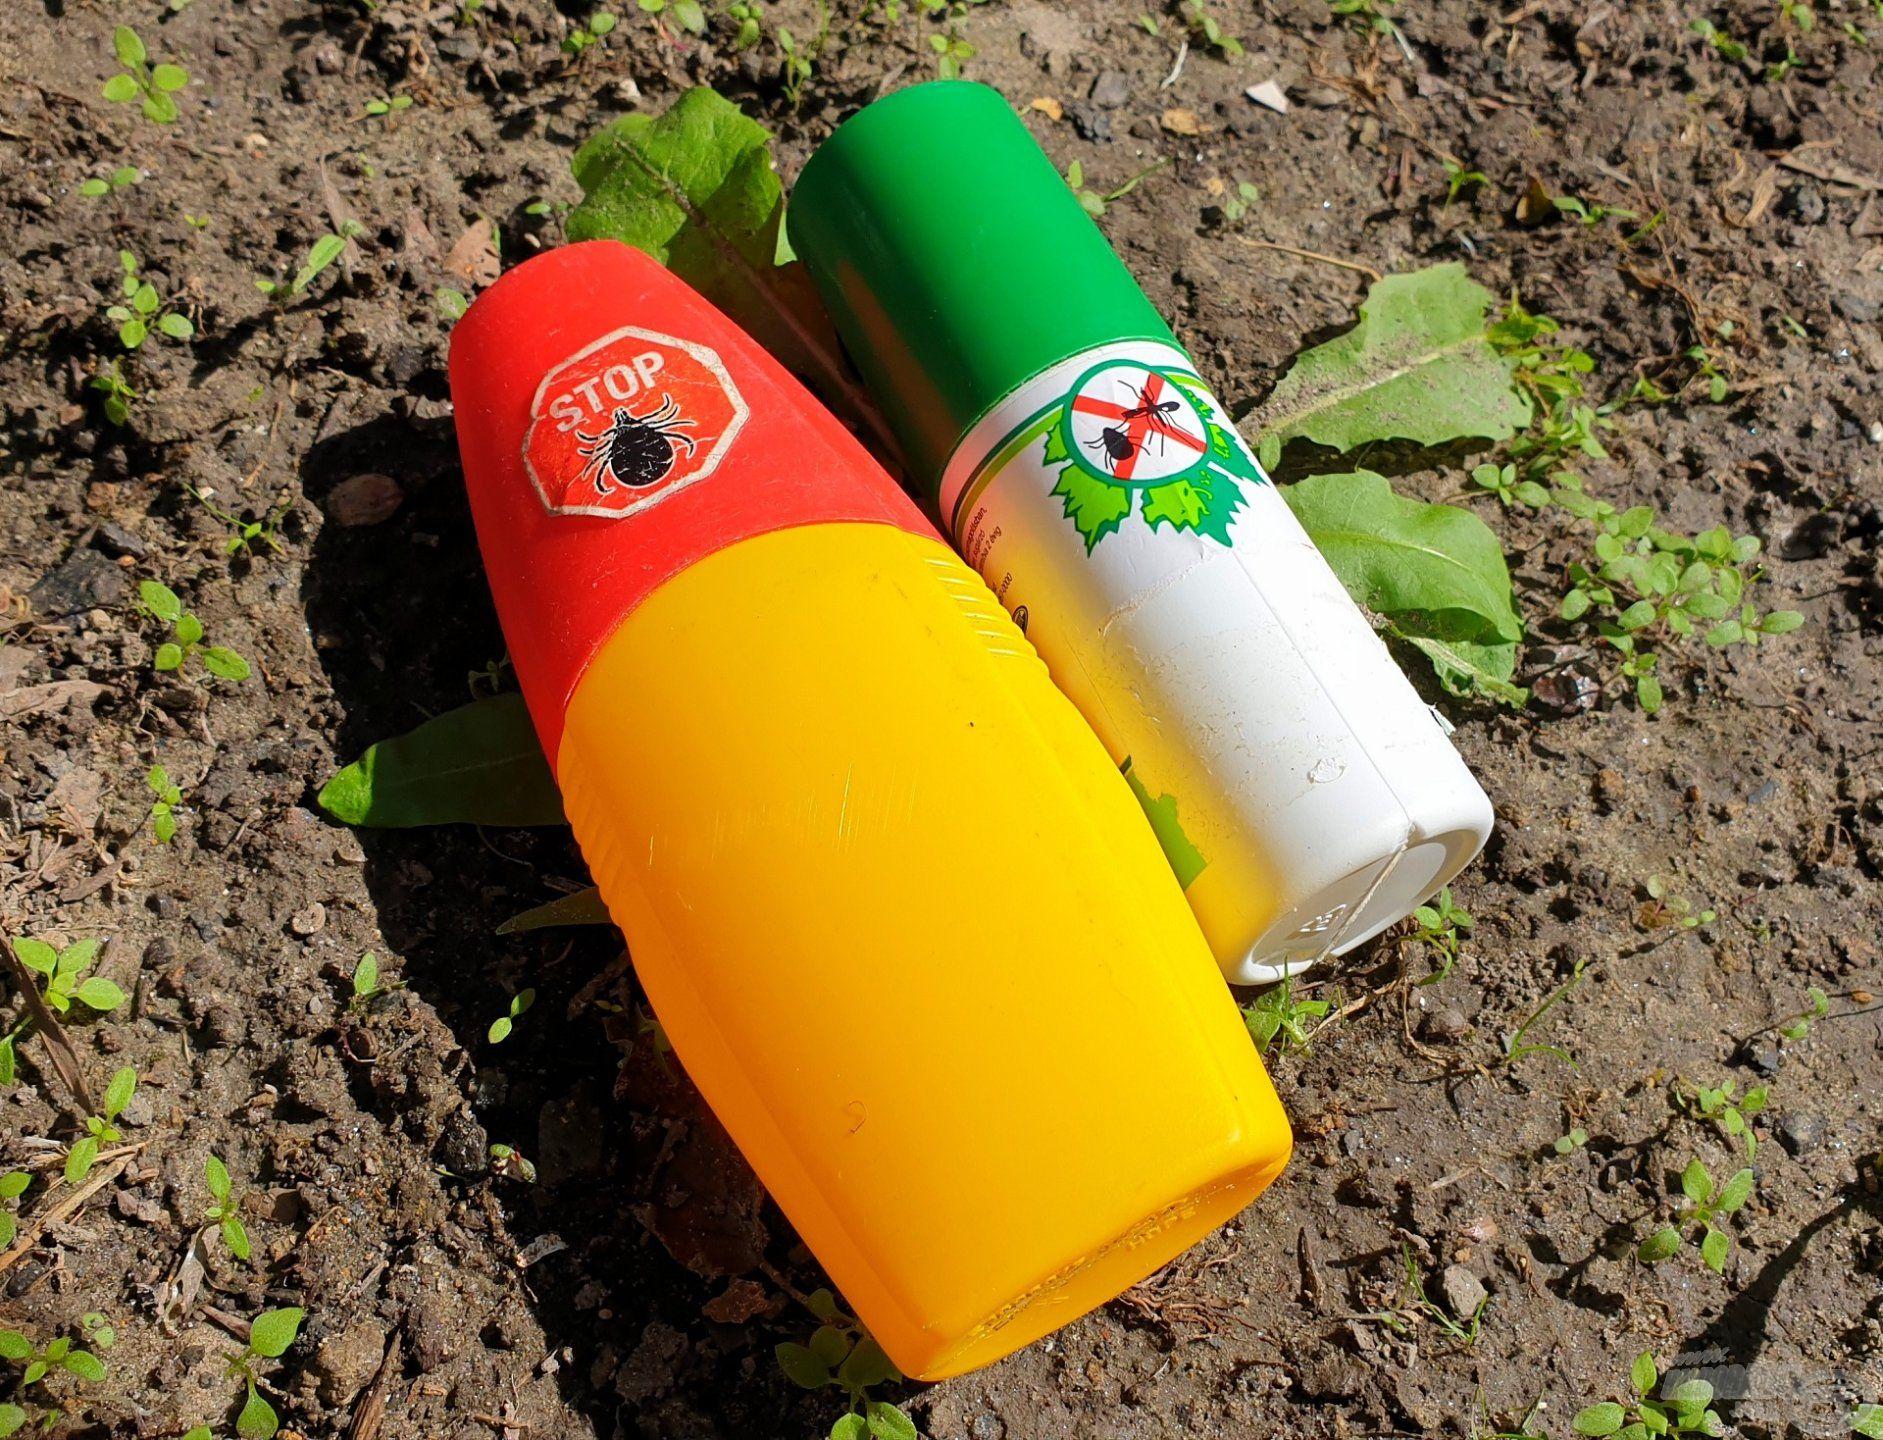 A kereskedelmi forgalomban többféle szúnyog- és kullancsriasztó készítmény kapható